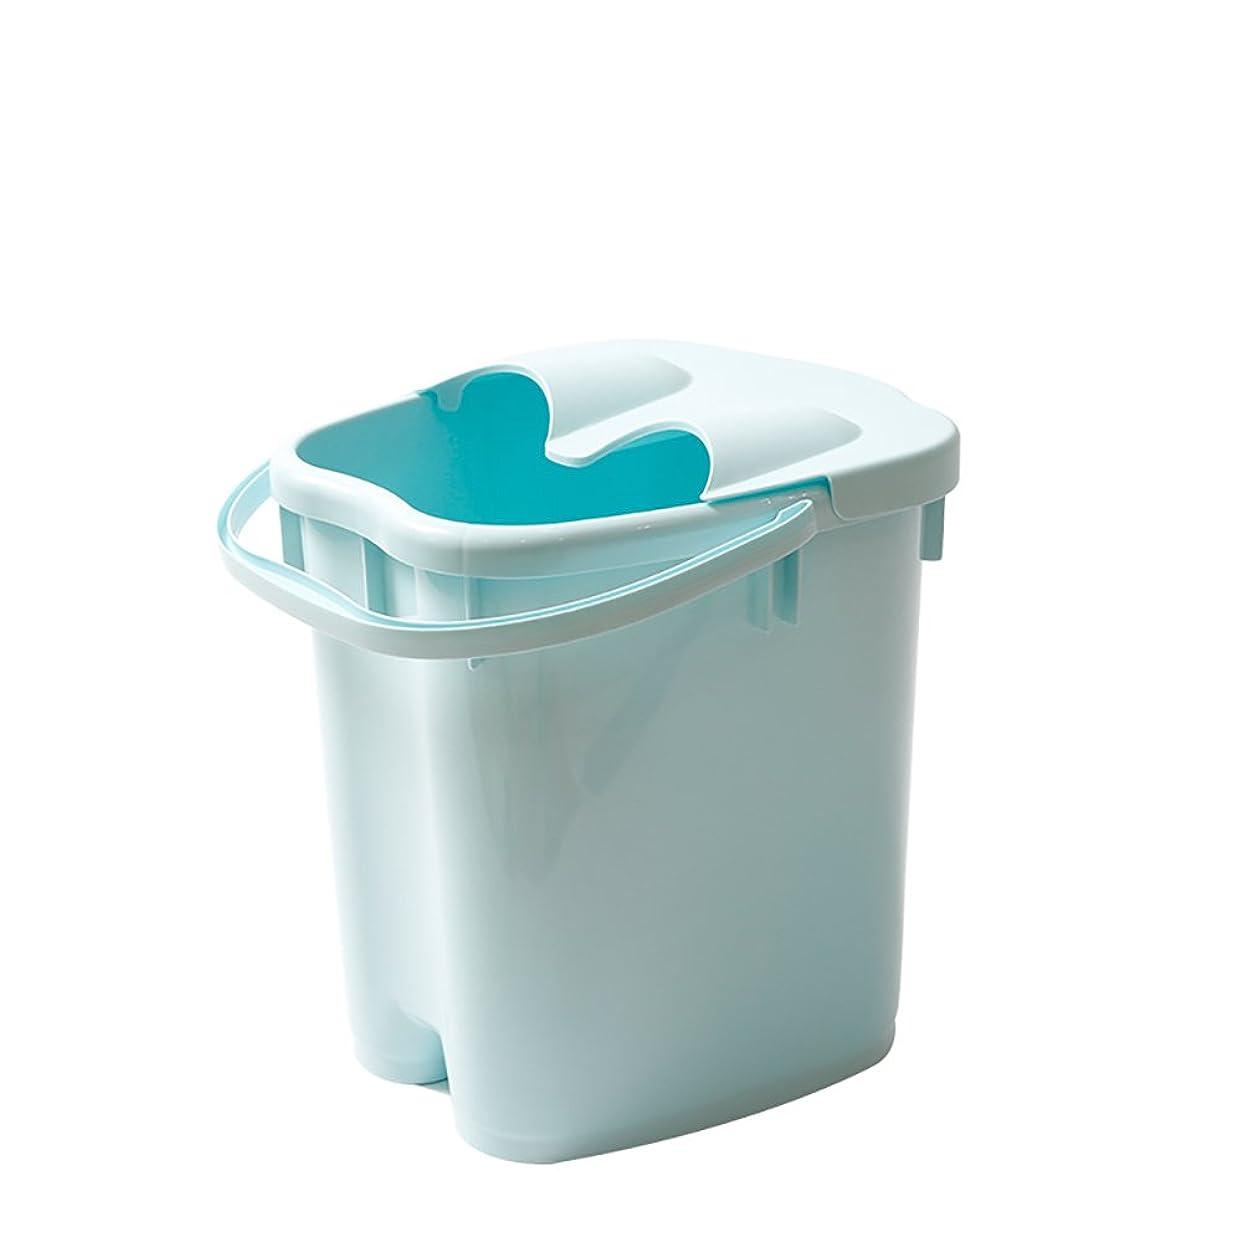 断言するトランクライブラリ見分けるフットバスバレル厚いプラスチックマッサージフットバスは、家庭の足湯20Lの大容量高水レベルを高め22 * 30 * 40センチメートル (色 : Blue)